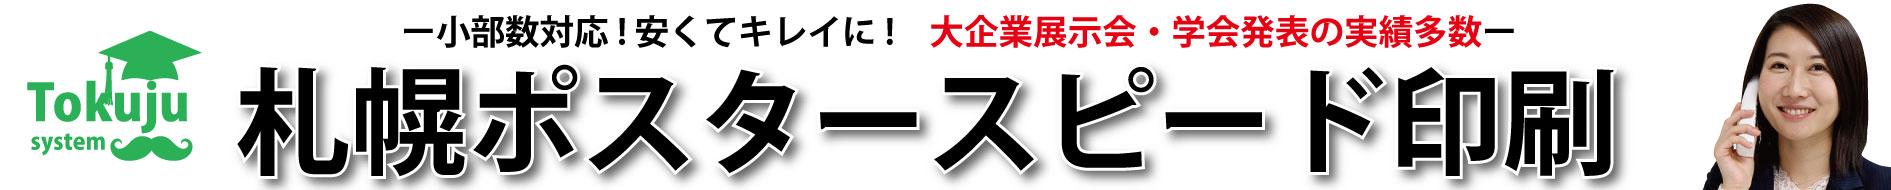 札幌ポスタースピード印刷